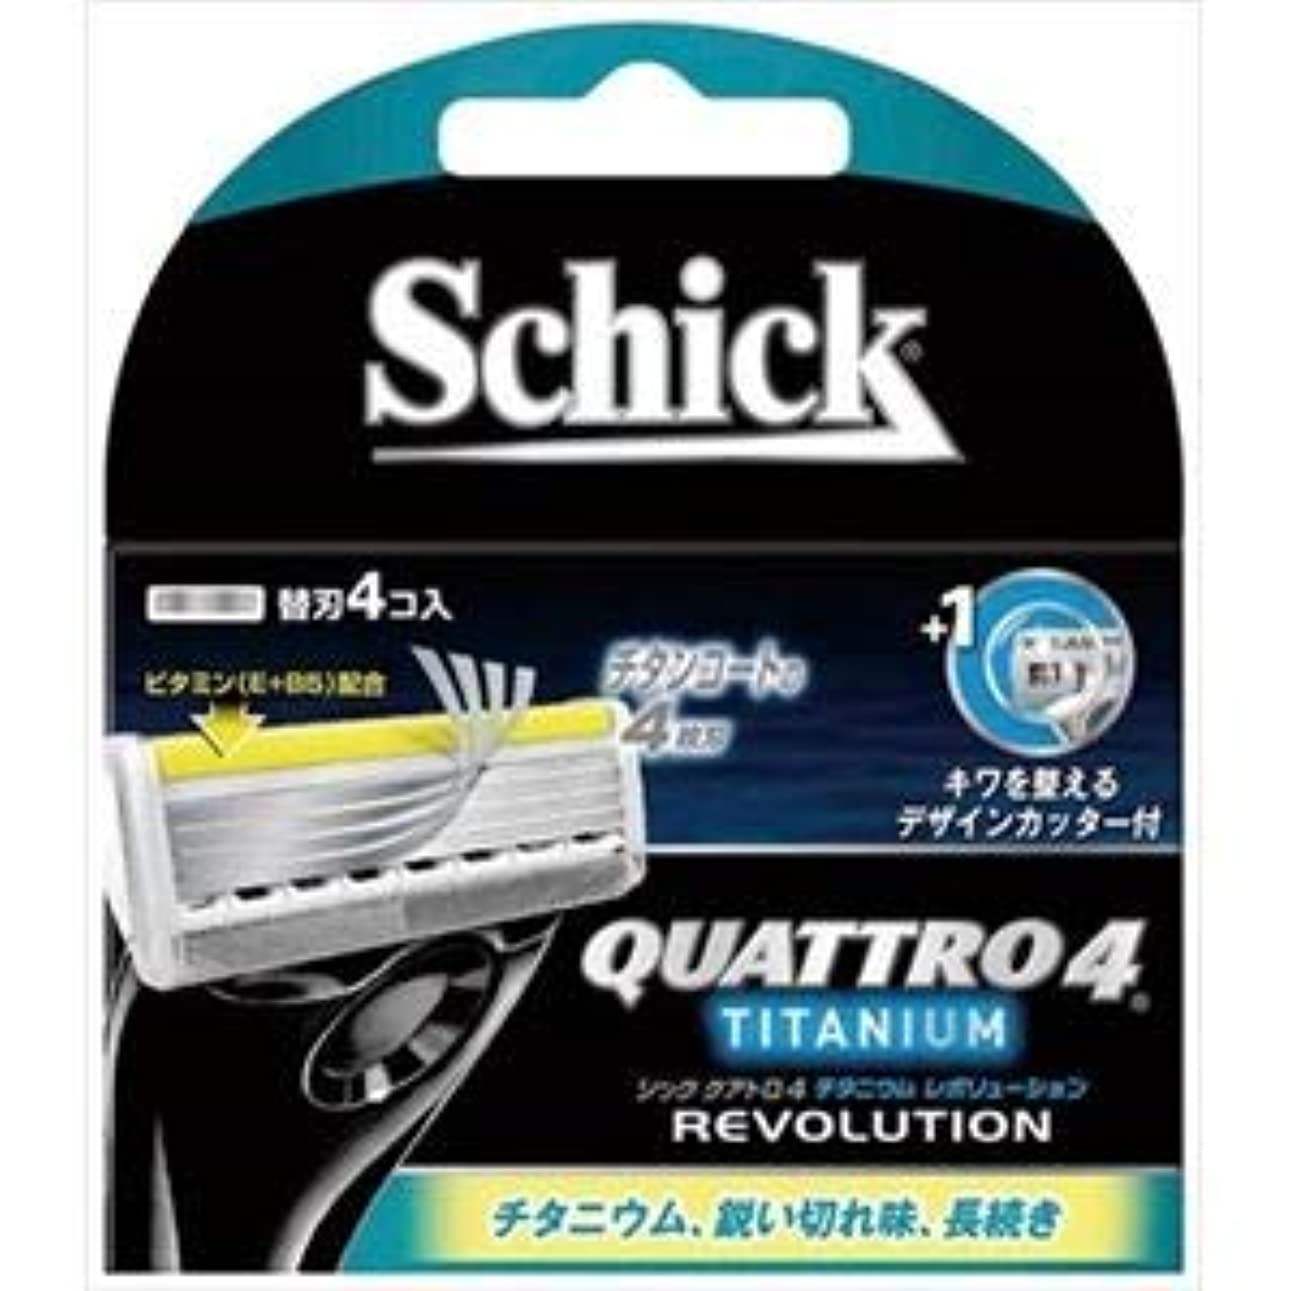 練習したやりすぎいう(まとめ)シック(Schick) クアトロ4チタニウムレボリューション替刃(4コ入) 【×3点セット】